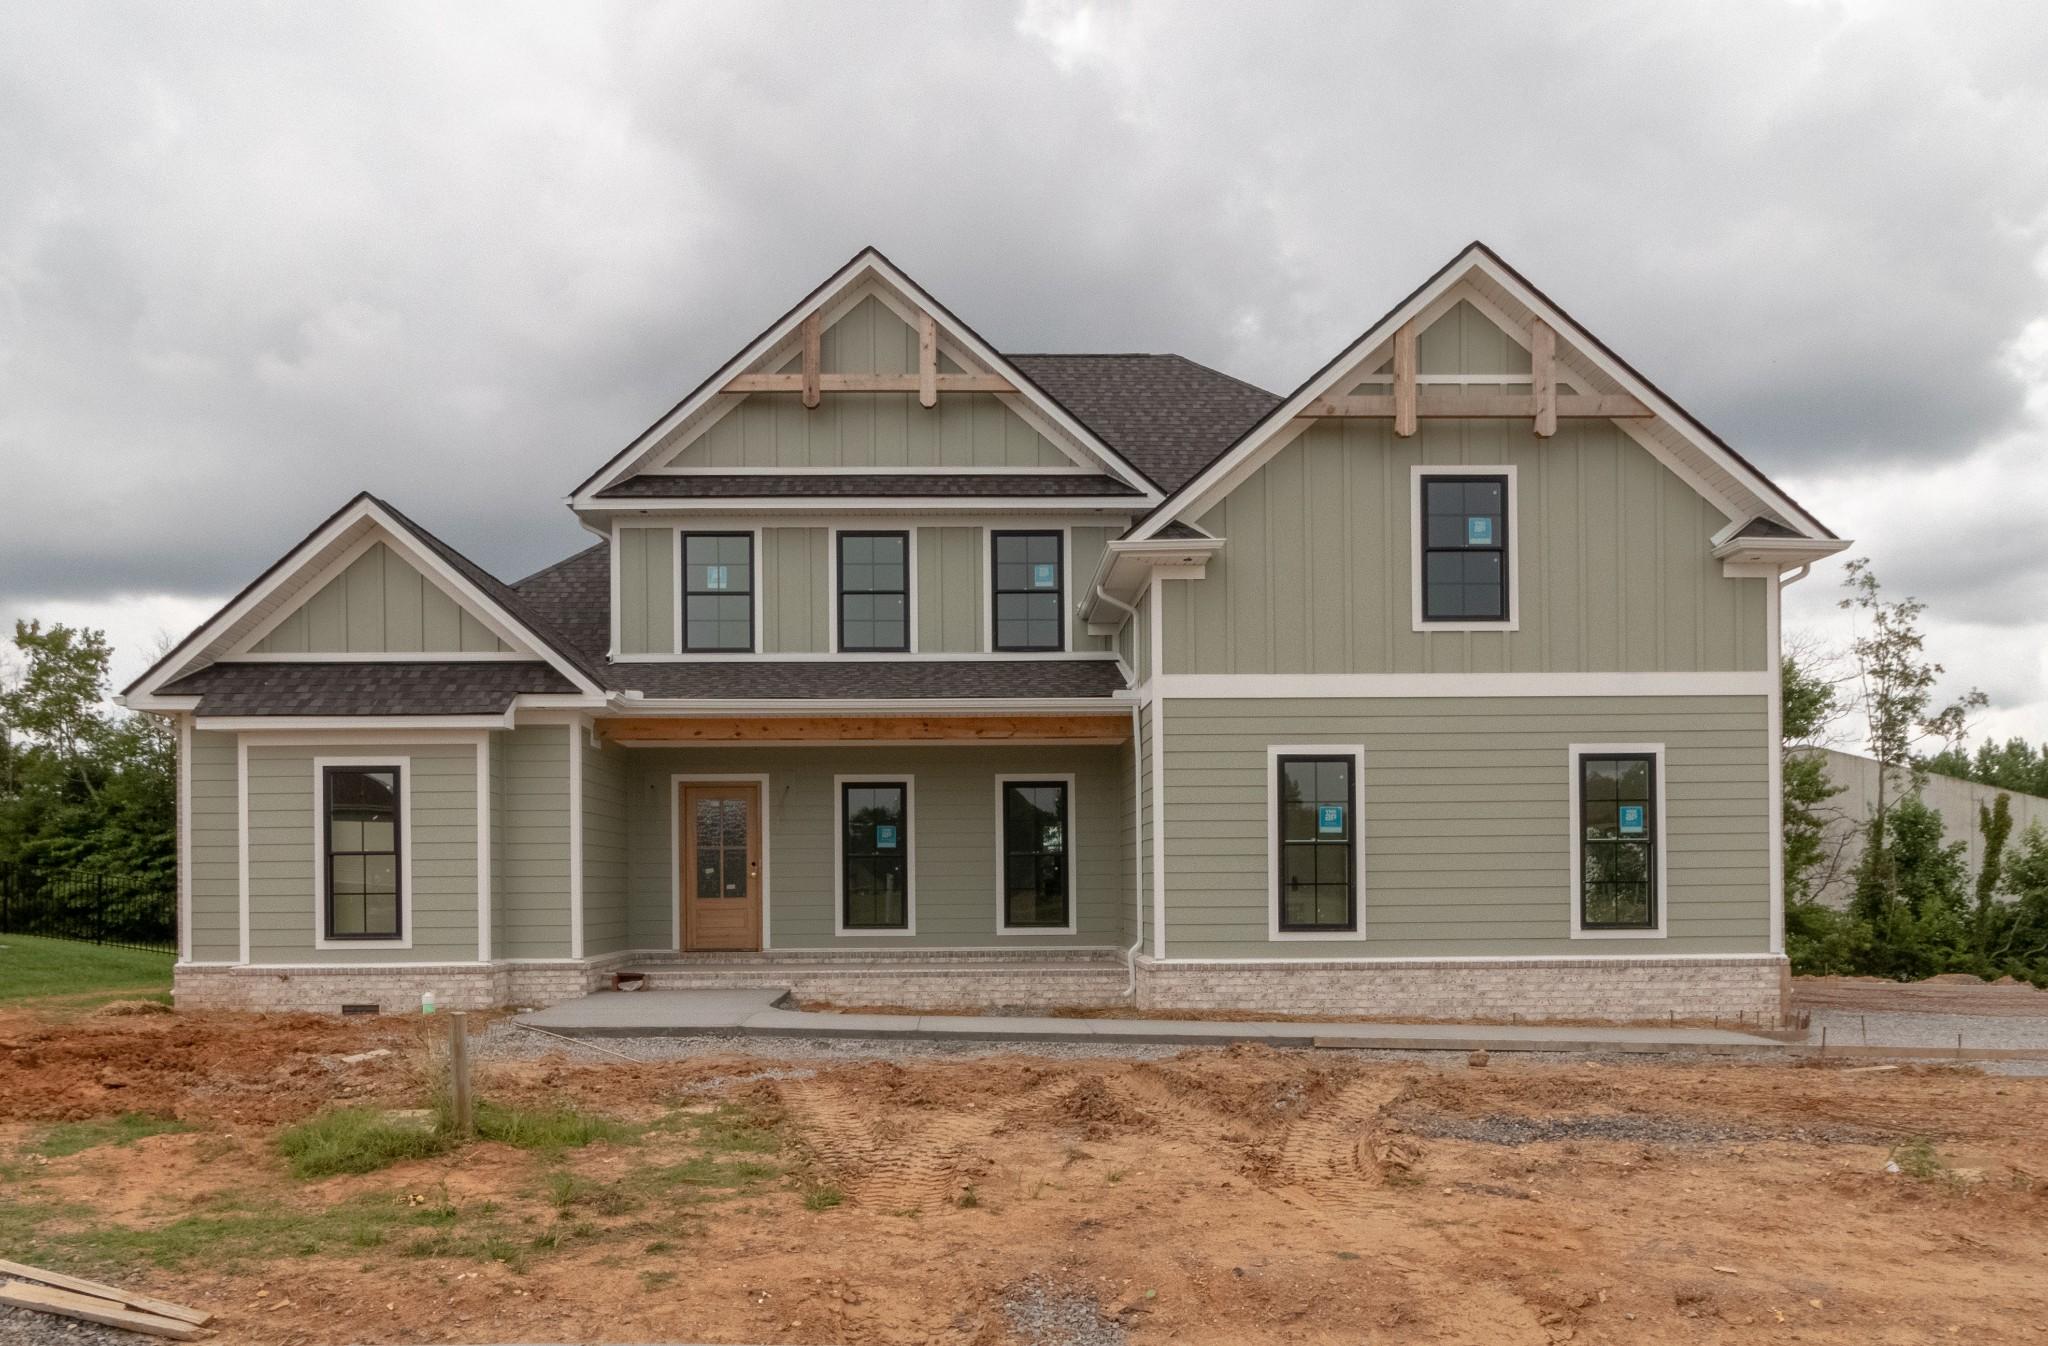 336 Ellington Dr Property Photo